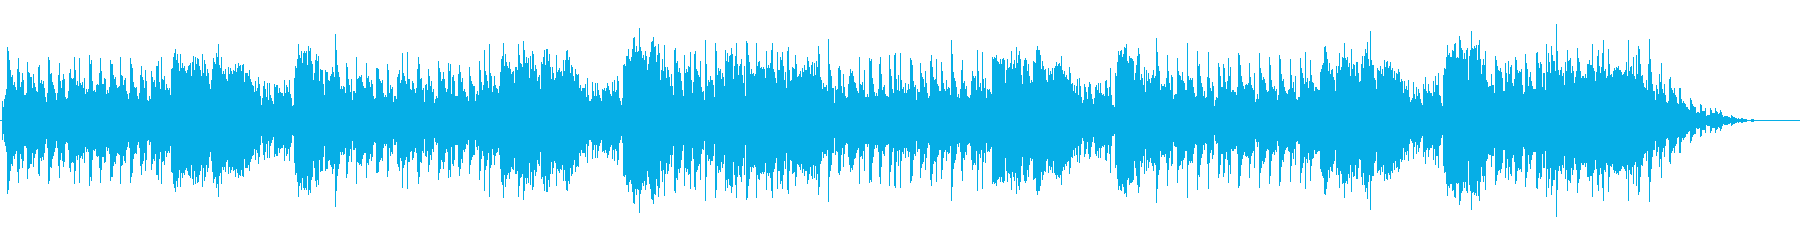 海辺を歩くゆったりとした曲の再生済みの波形